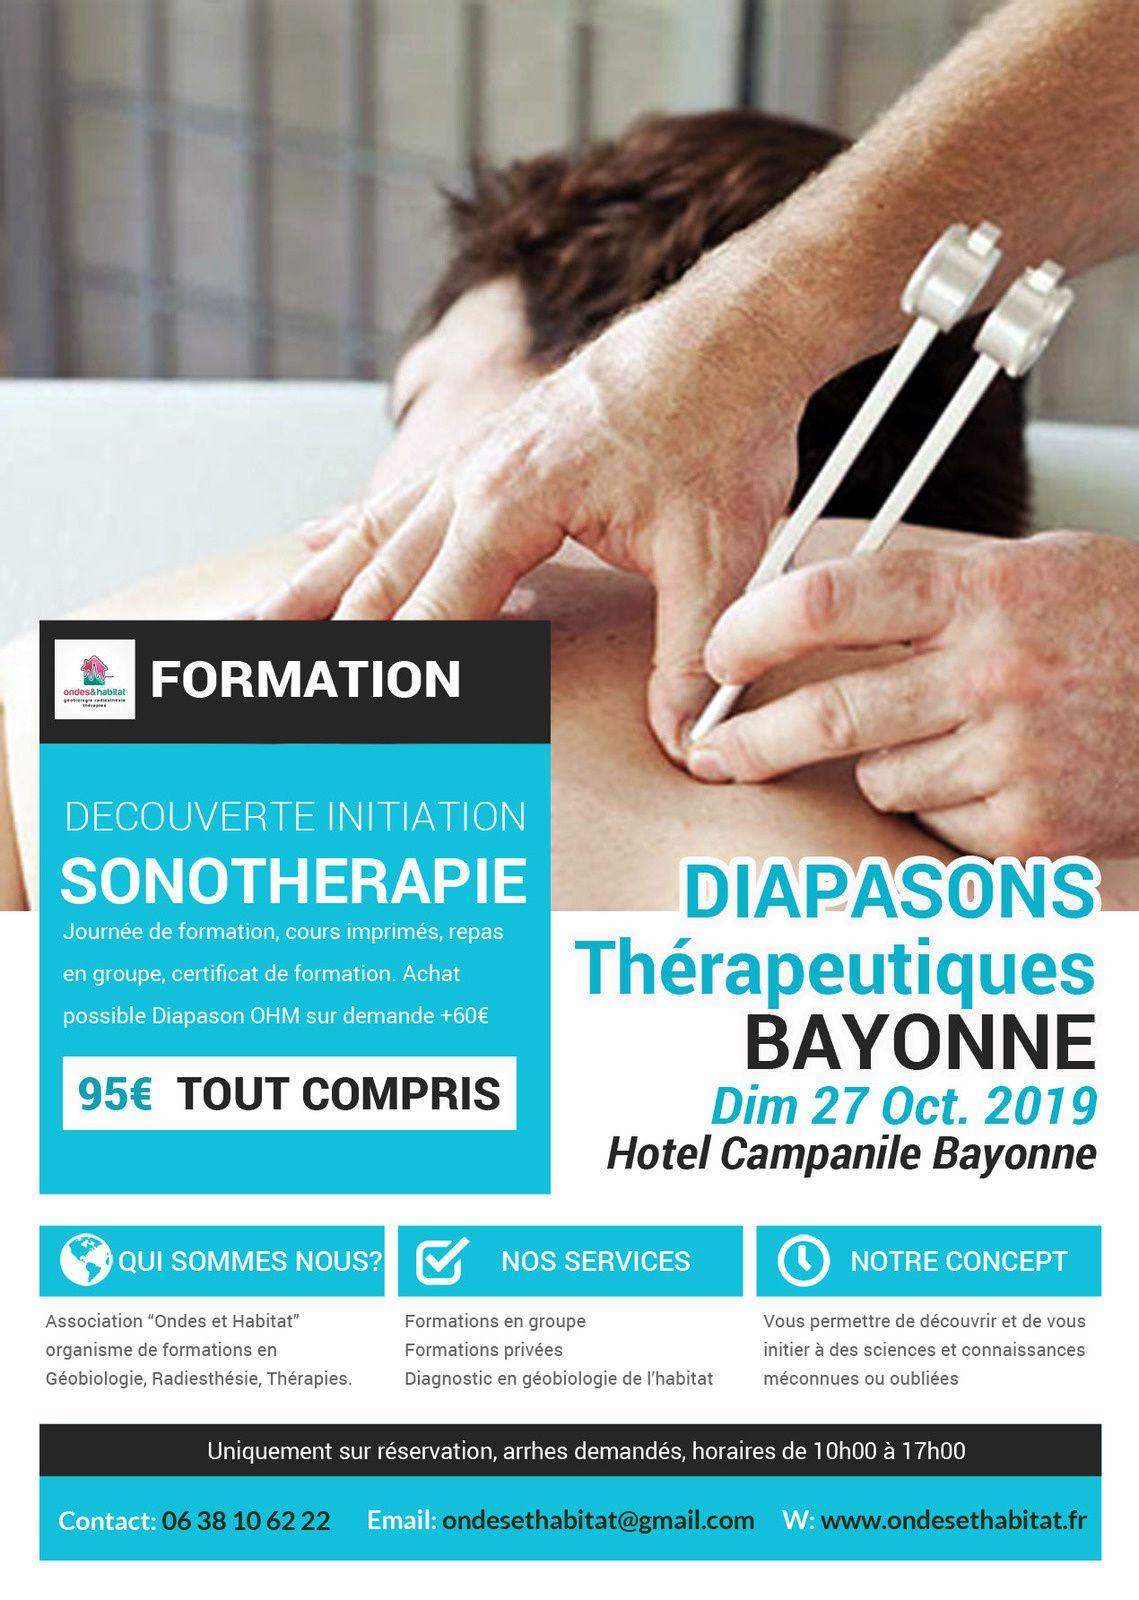 BAYONNE Formation Sonotherapie : DIAPASONS Thérapeutiques pondérés Dim 27 Oct. 2019